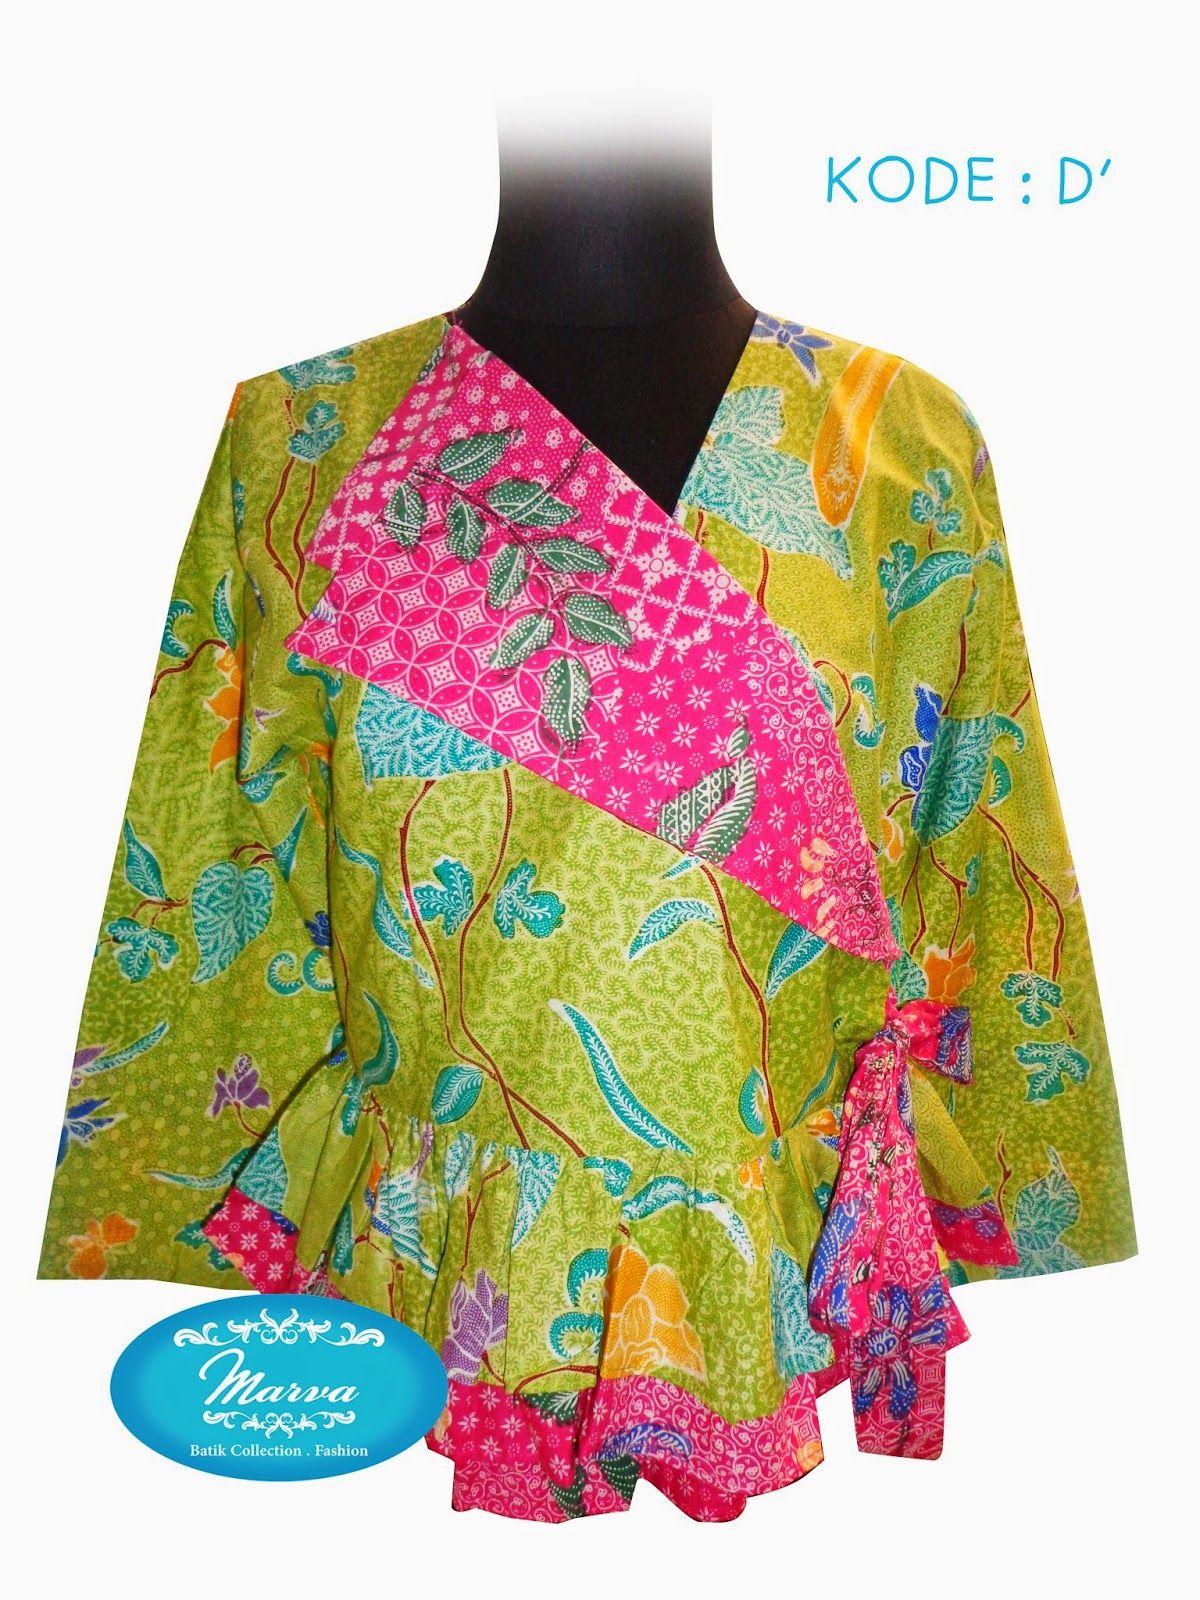 BLOUSE BATIK Kode D' Size M Panjang Baju 56cm Lingkar